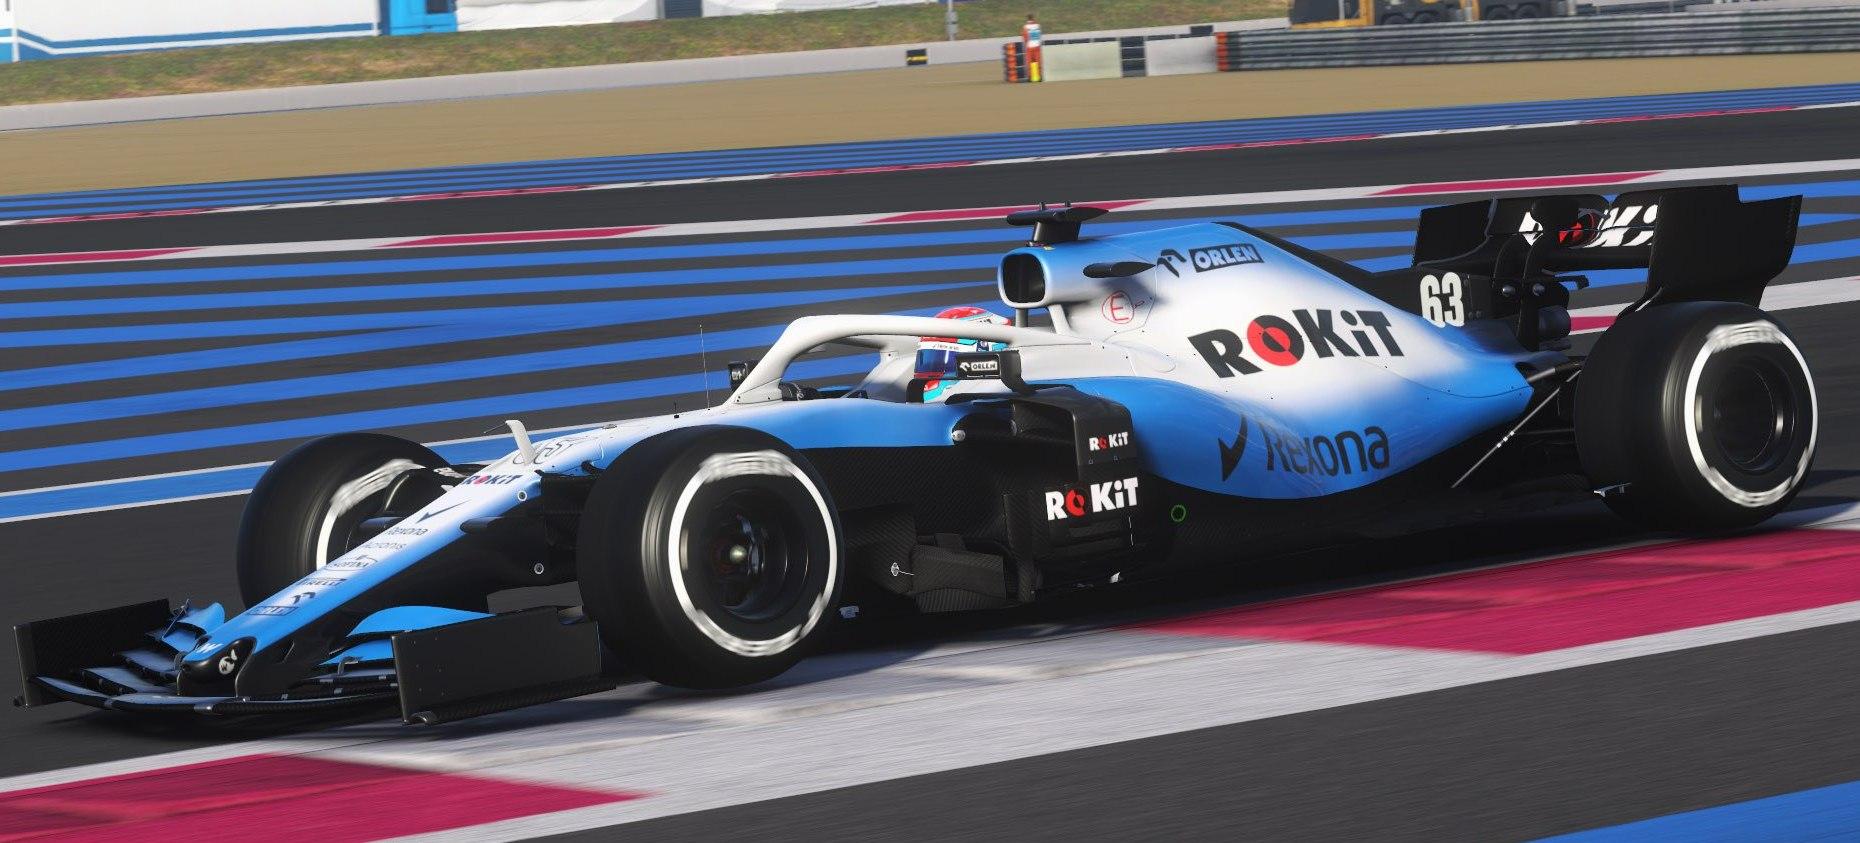 F1 2019 corre in nuove immagini